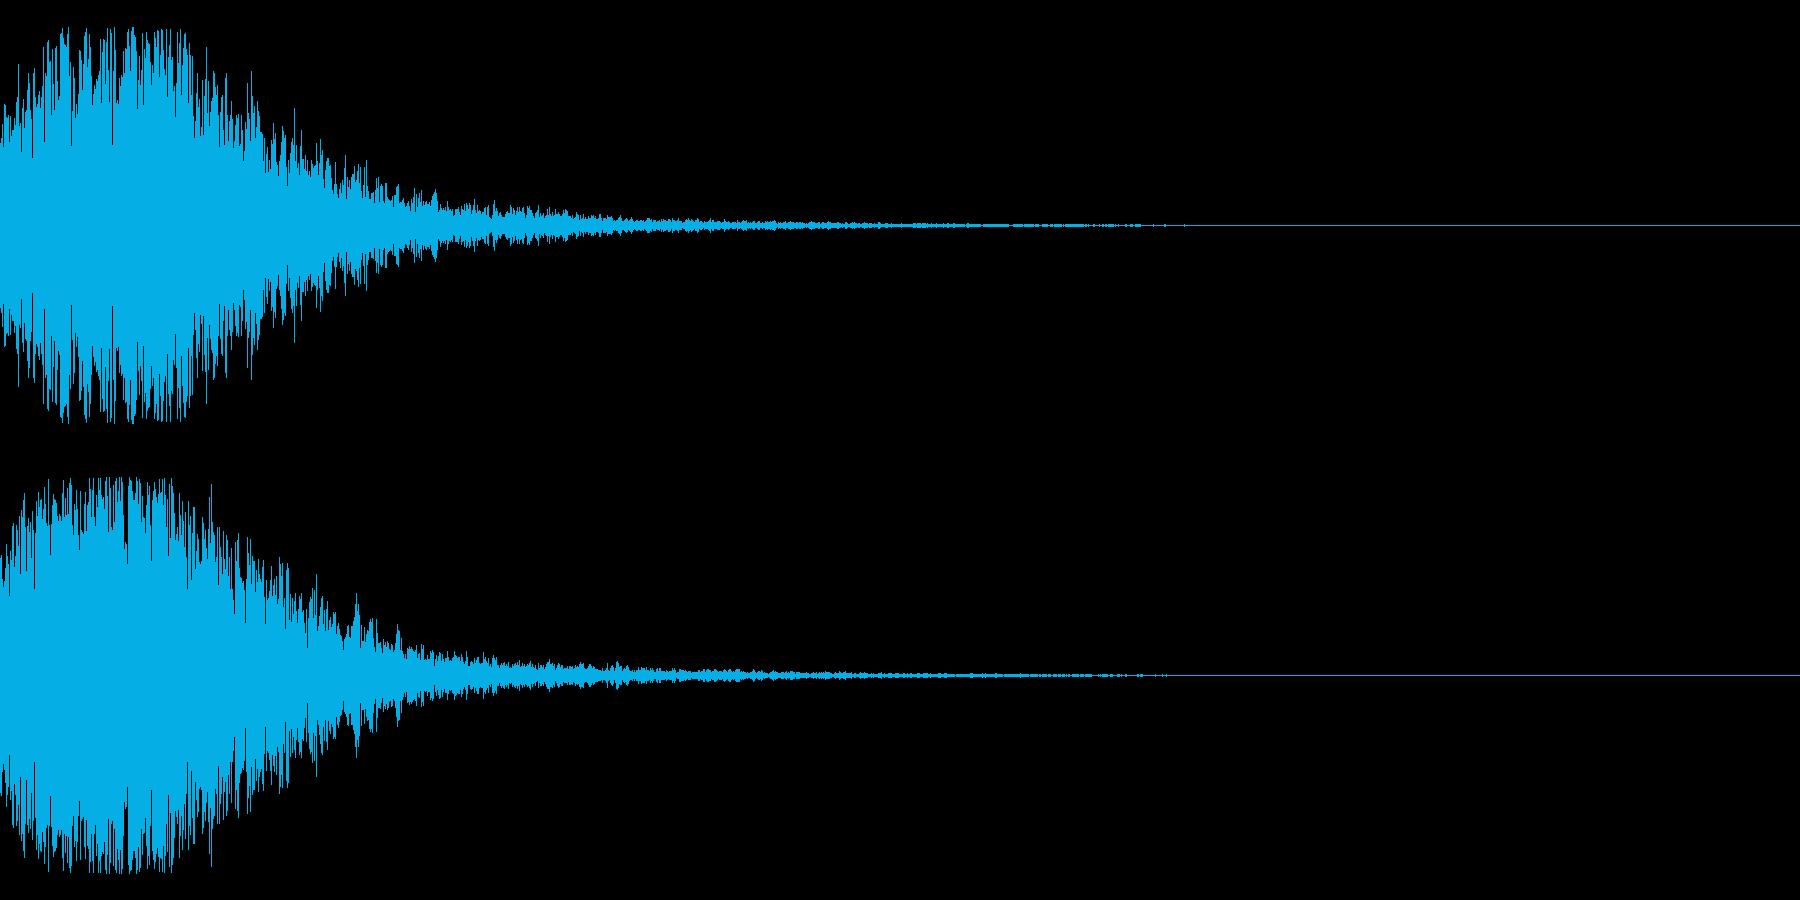 和風 オーケストラヒット ジングル!2bの再生済みの波形